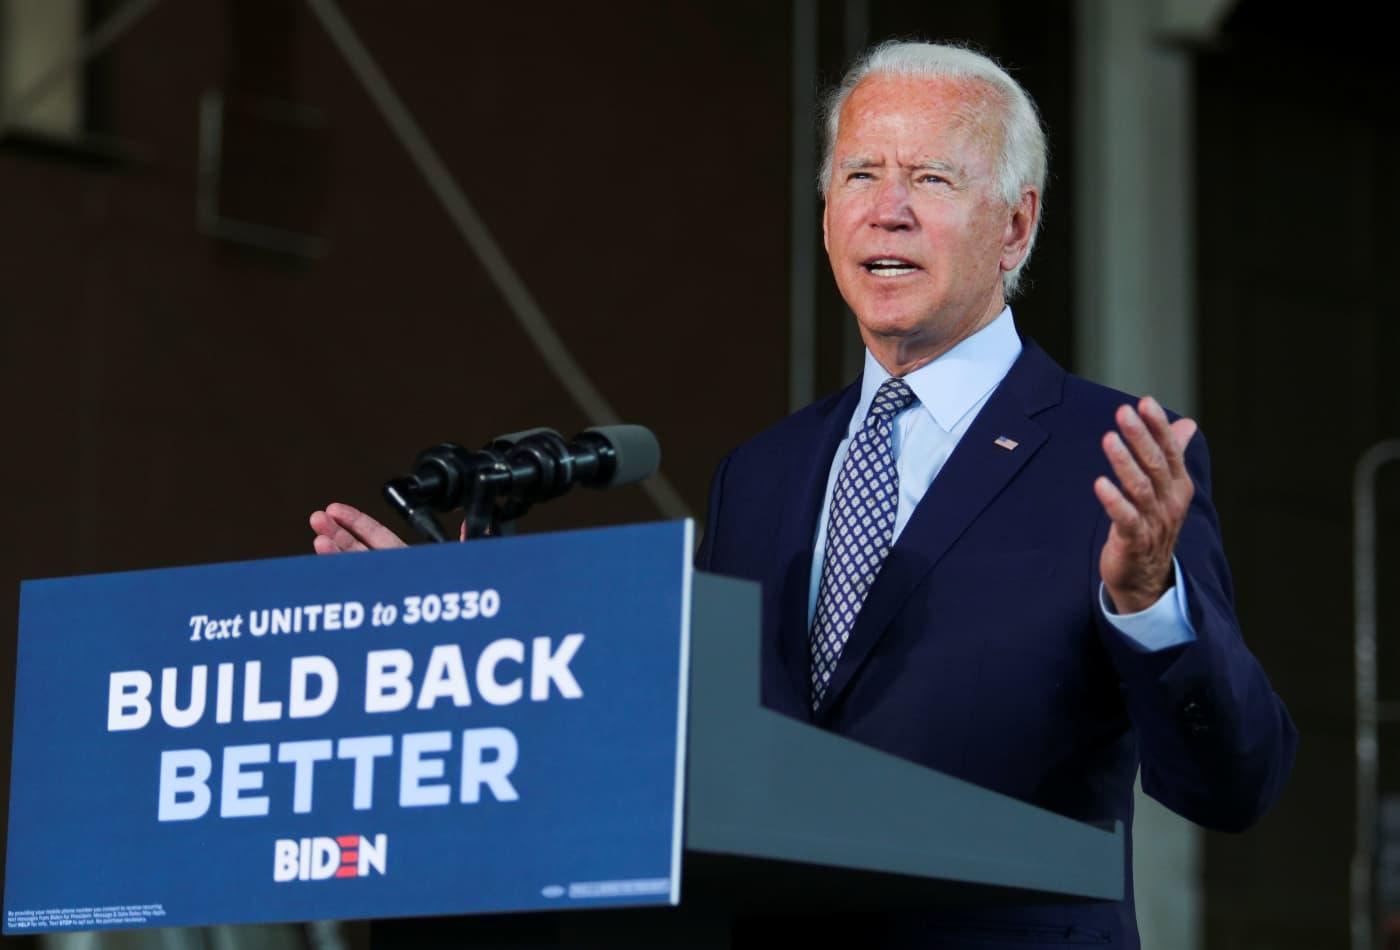 Joe Biden unveils his economic platform as the U.S. faces health and social crises